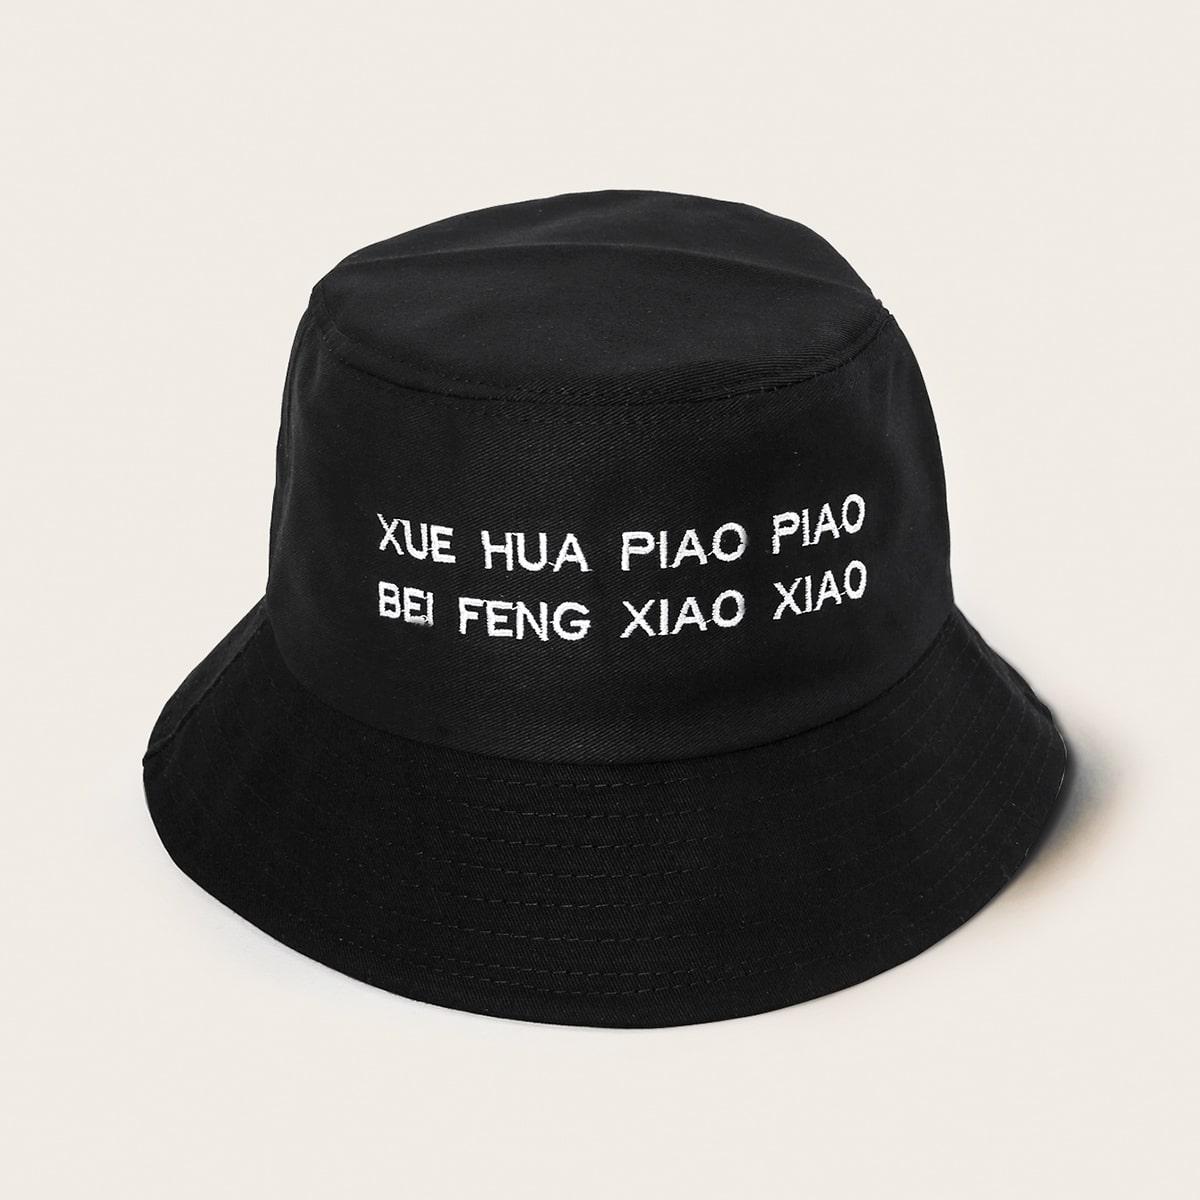 Шляпа с китайской текстовой вышивкой